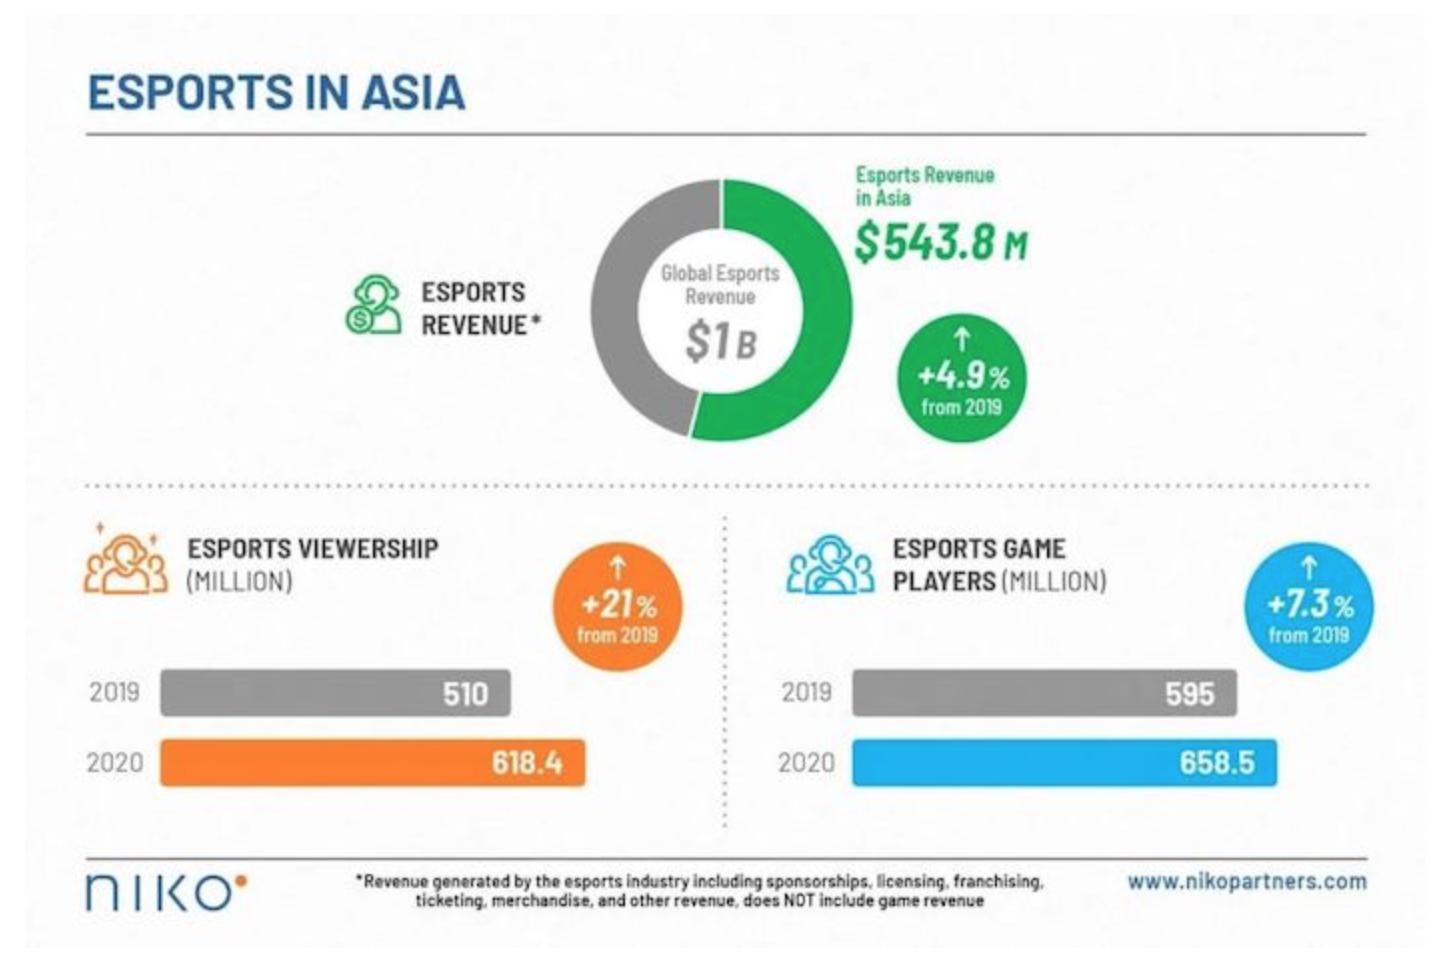 2021年亚洲电子竞技市场收入将达到6亿美元